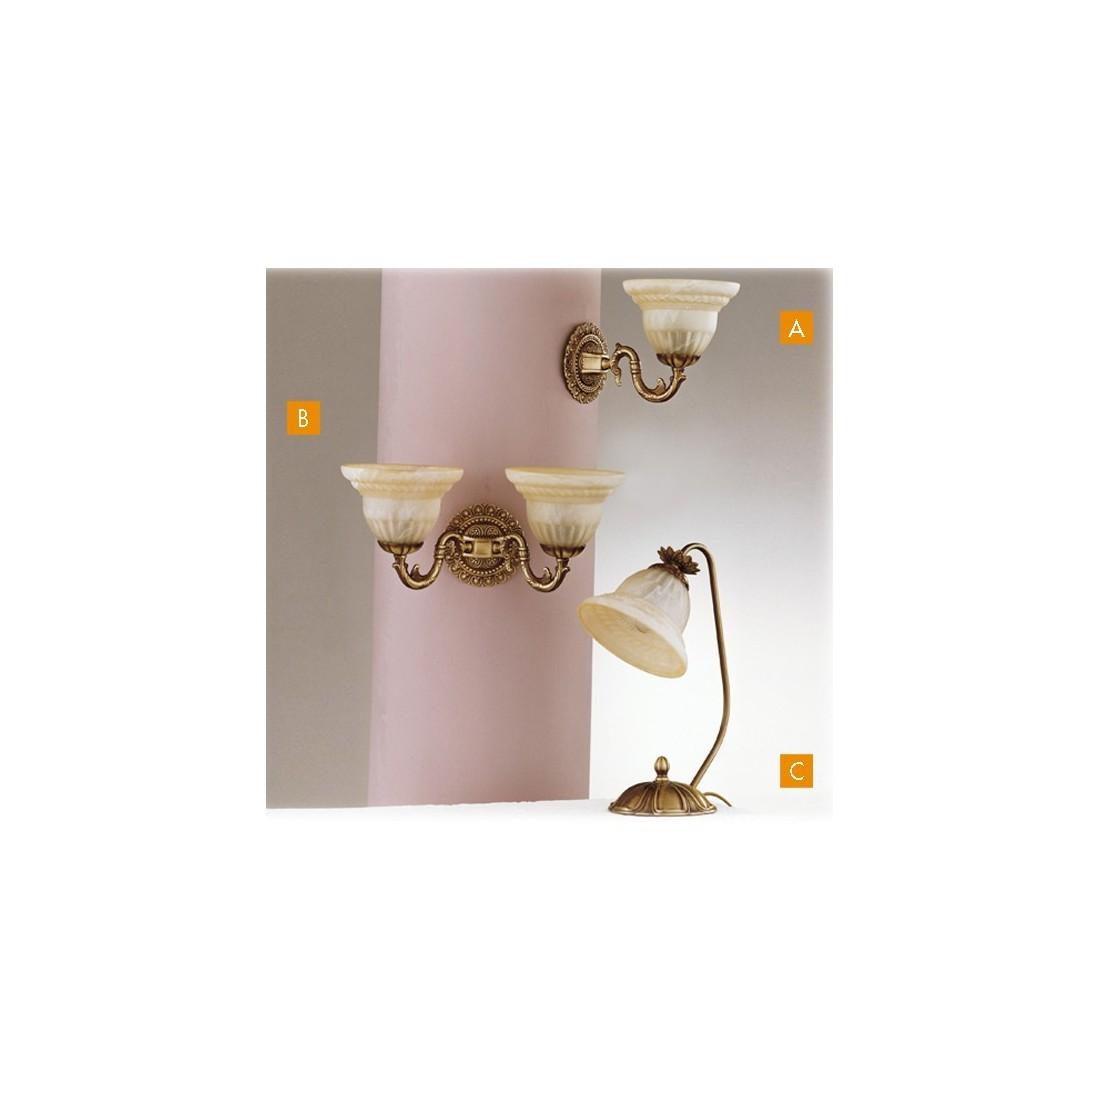 L mpara colgante de bronce 2 luces tulipa de cristal bombillas bajo consumo altura ajustable - Lamparas clasicas de techo ...